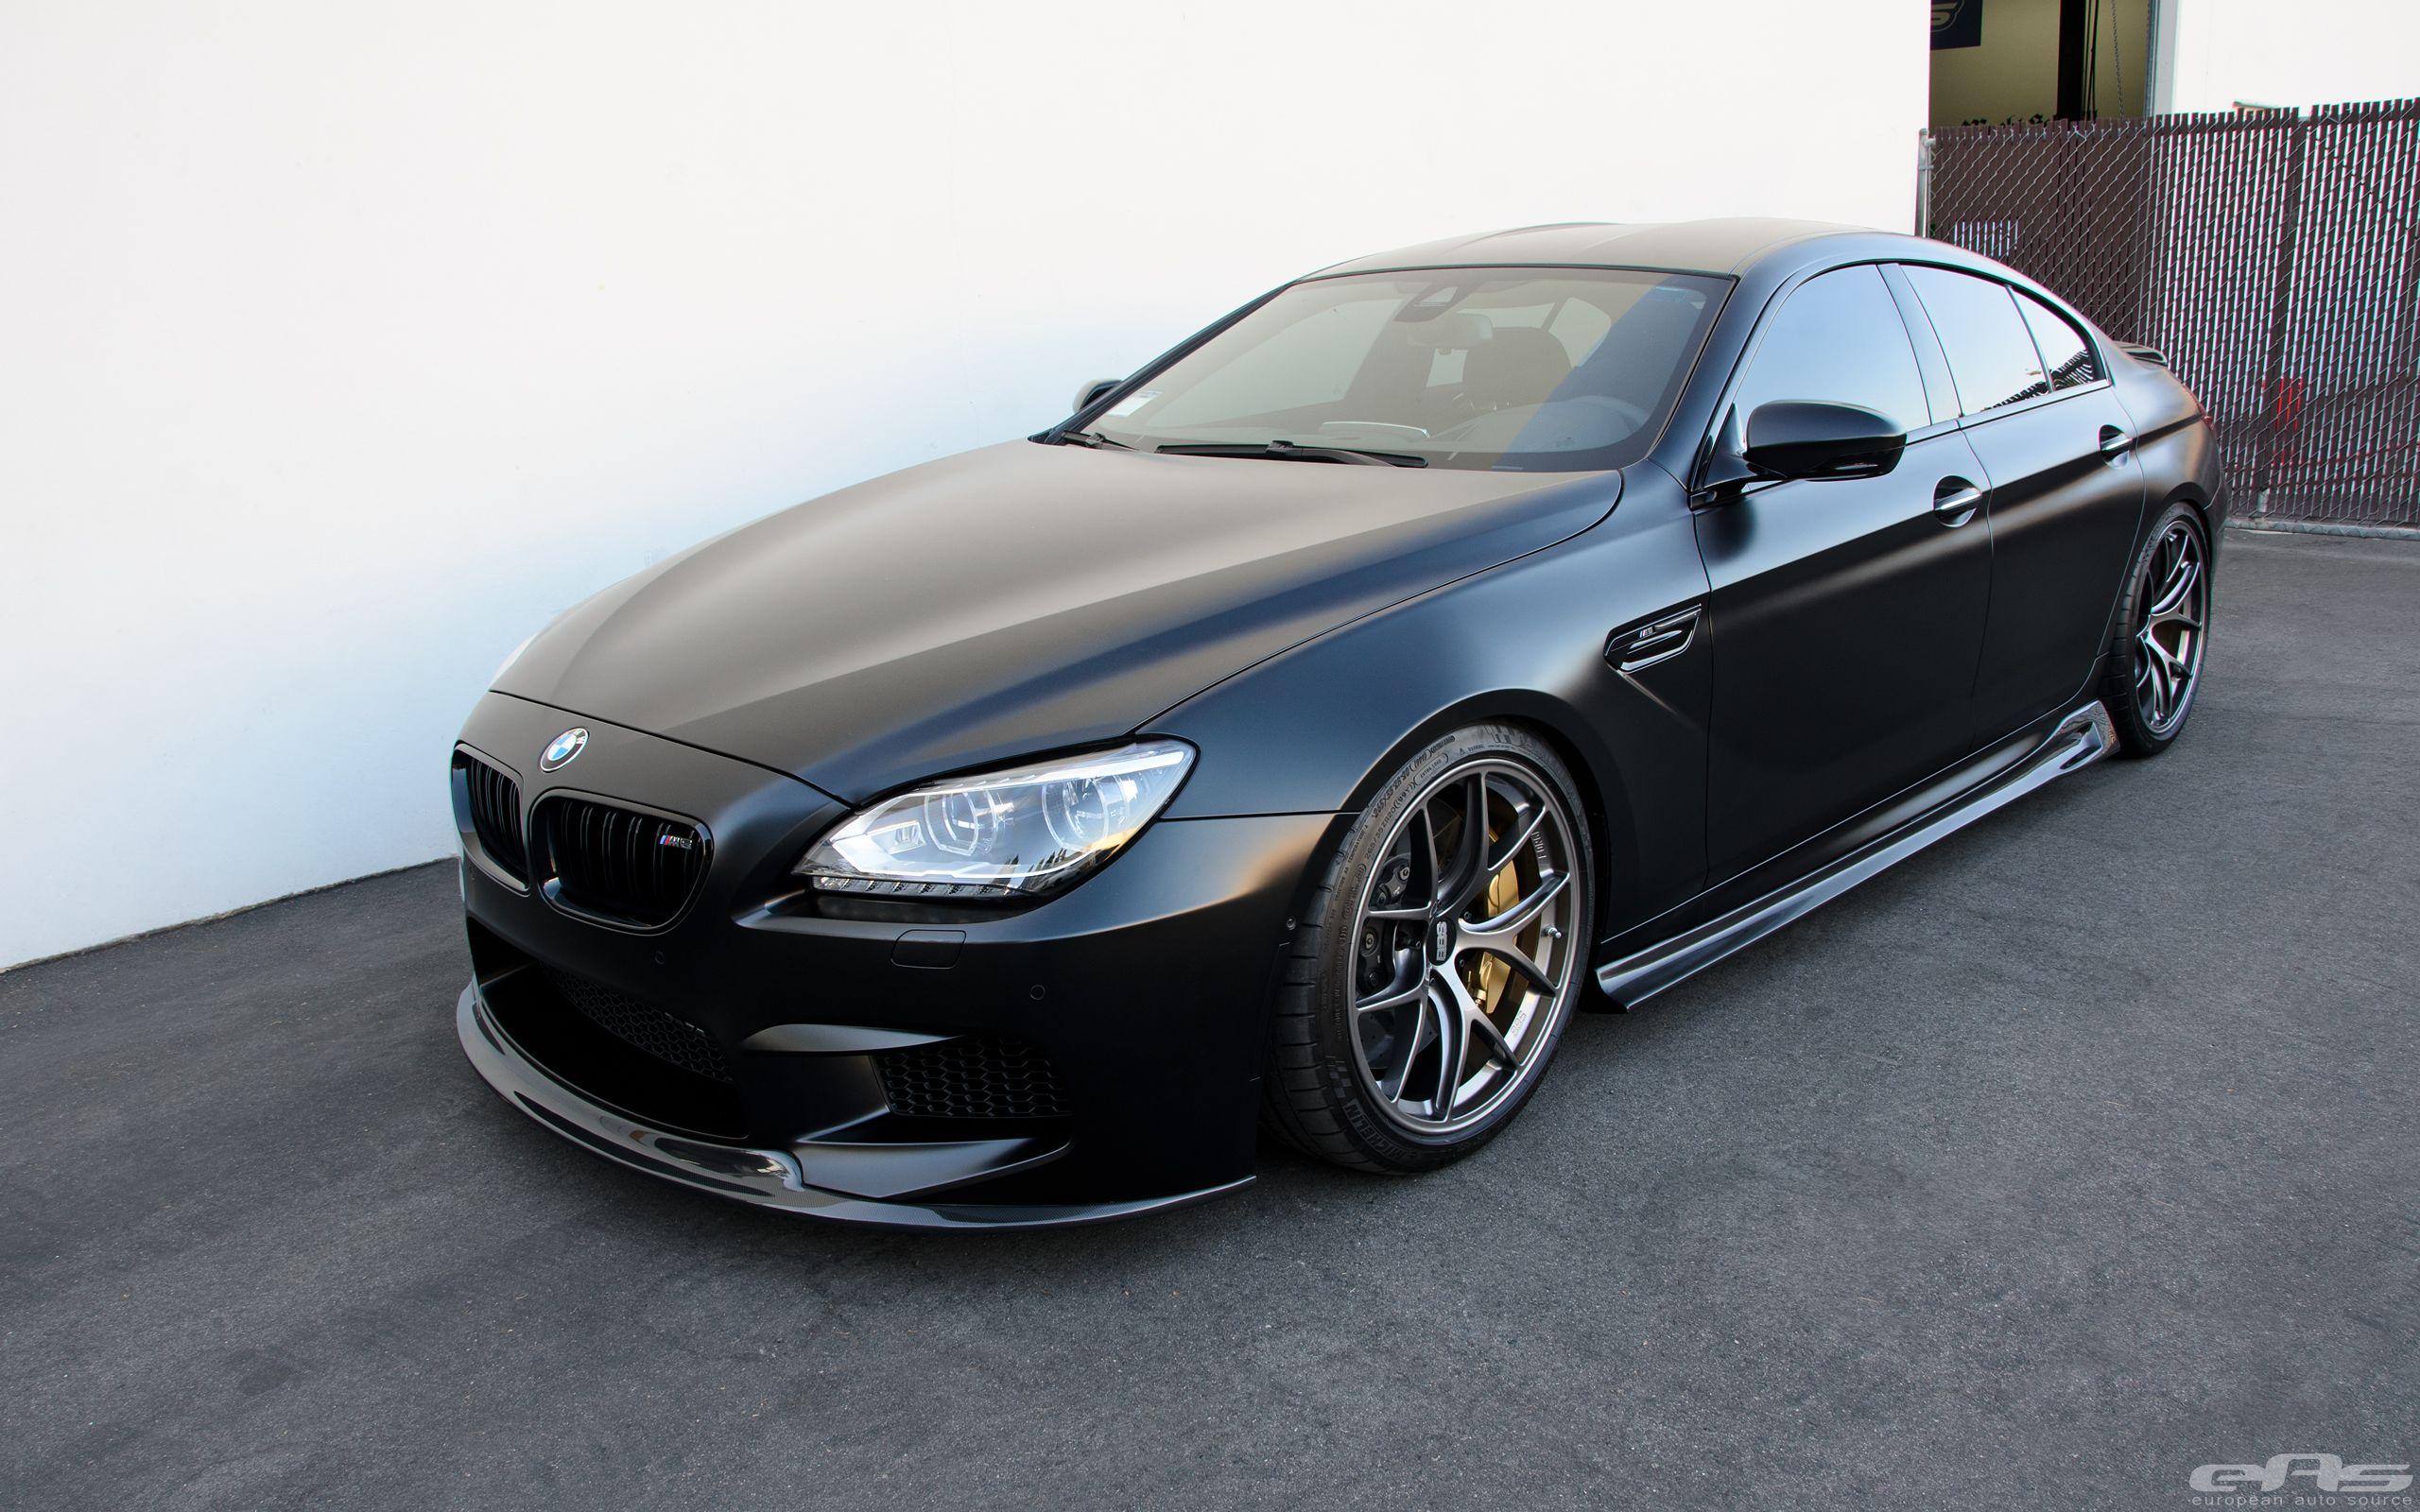 Frozen Black Bmw M6 Gran Coupe By Eas Bmw Bmw M6